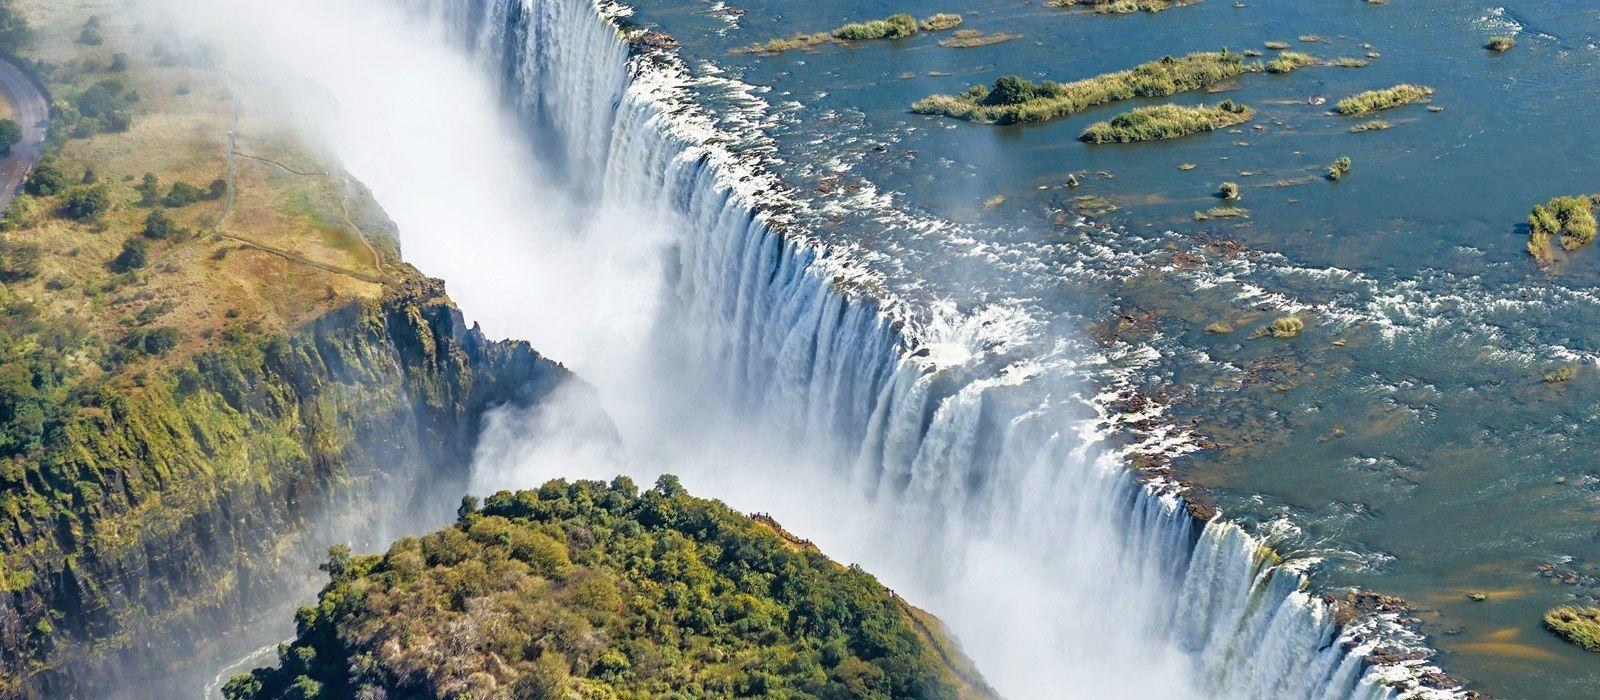 Brüllende Löwen und rauschende Wasserfälle: Südafrika, Simbabwe & Botswana Urlaub 5